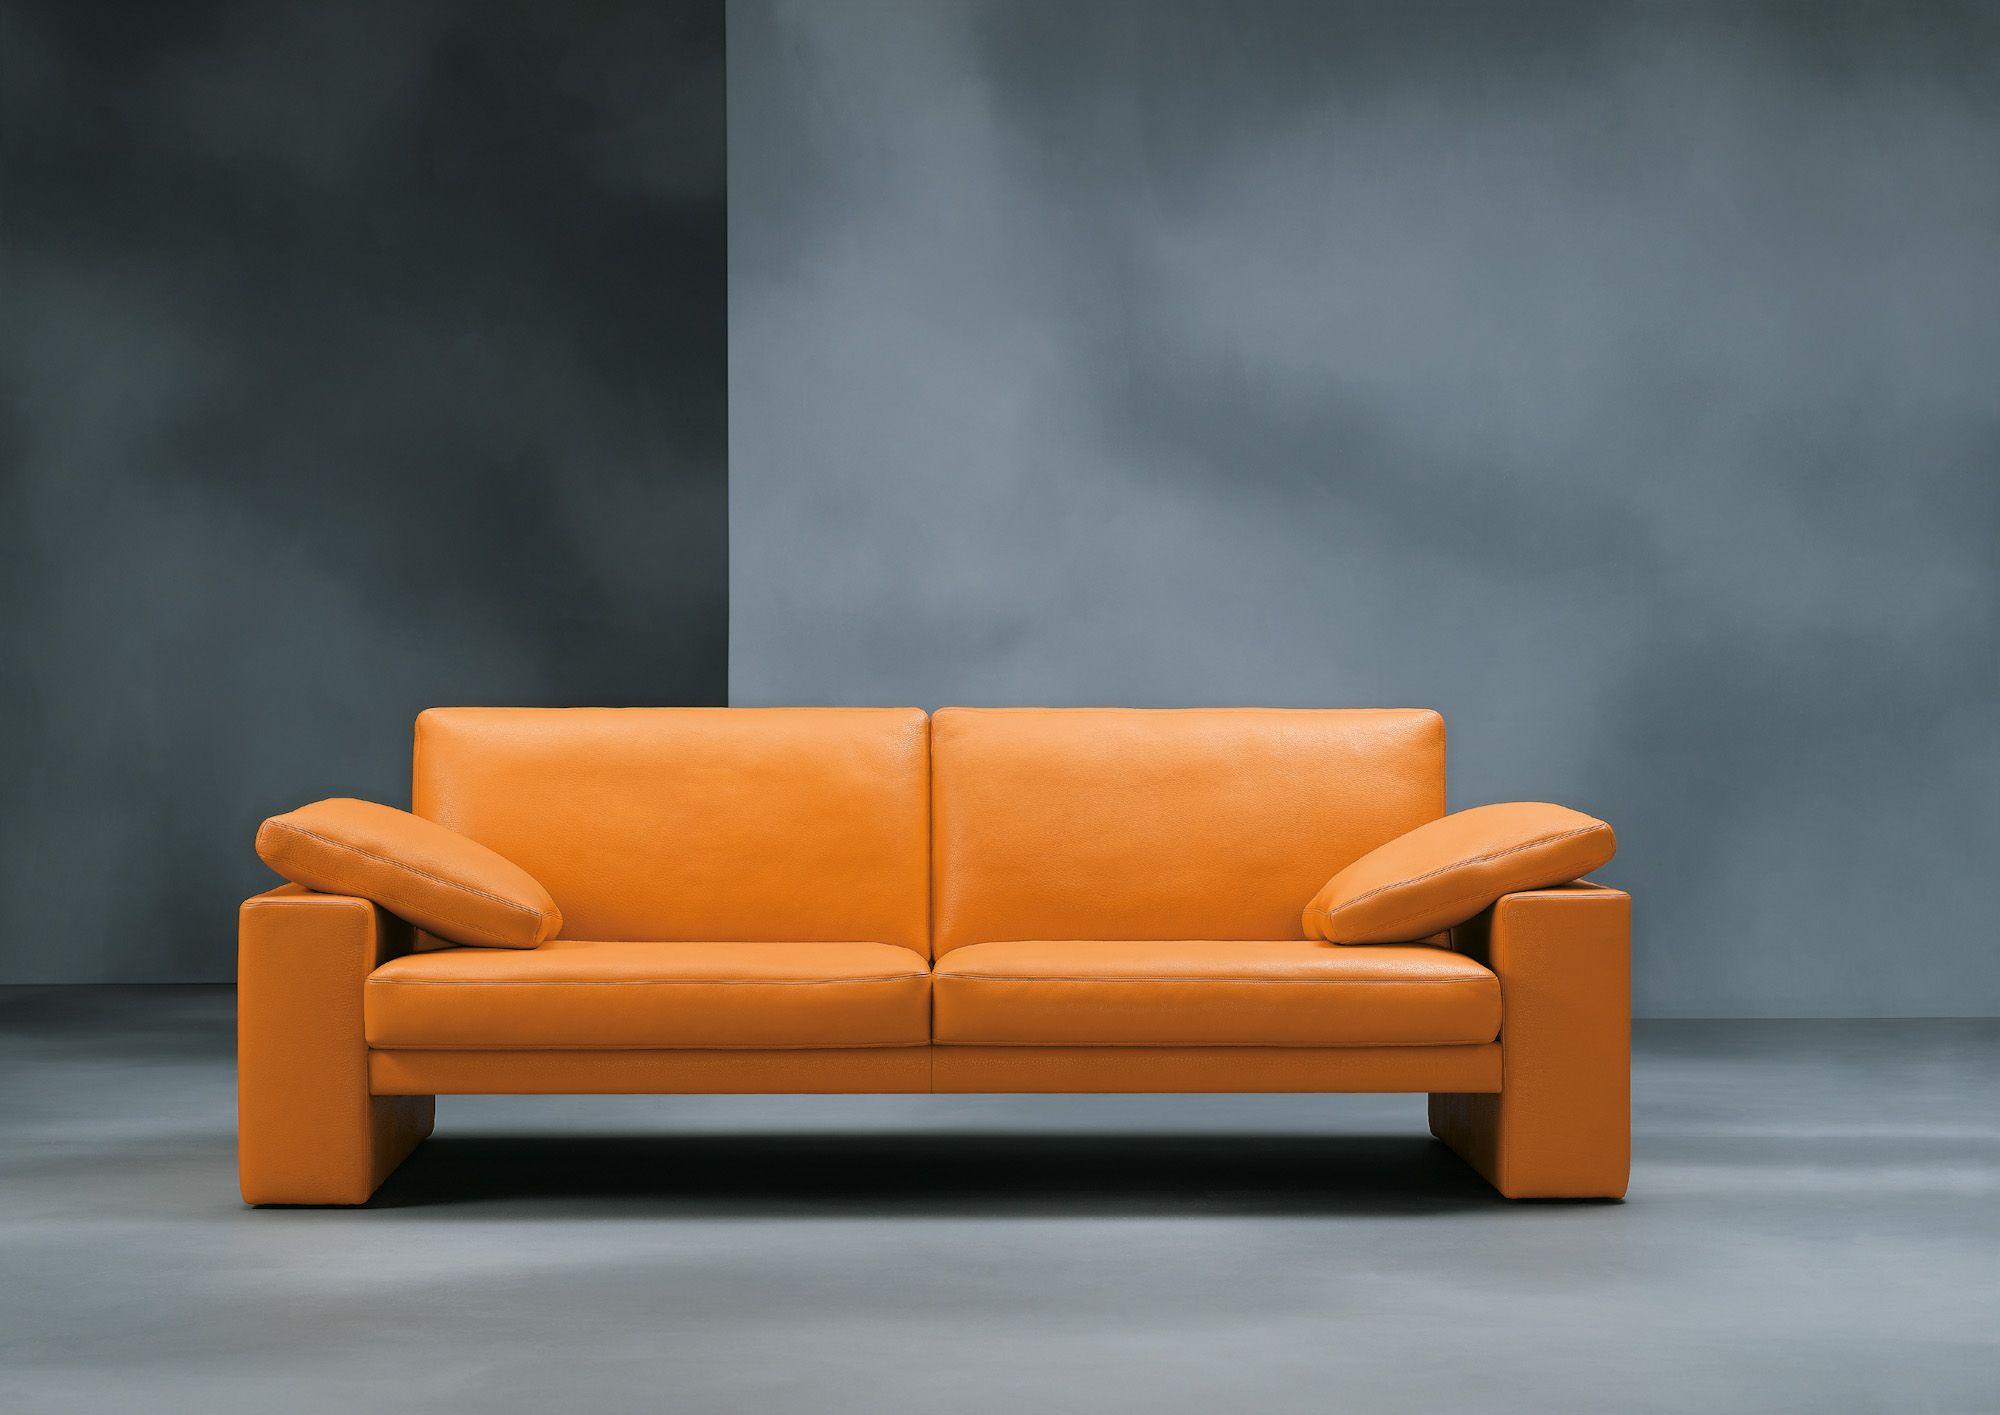 Polstermöbel Färben modernes sofa leder orange in verschiedenen farben erhältlich